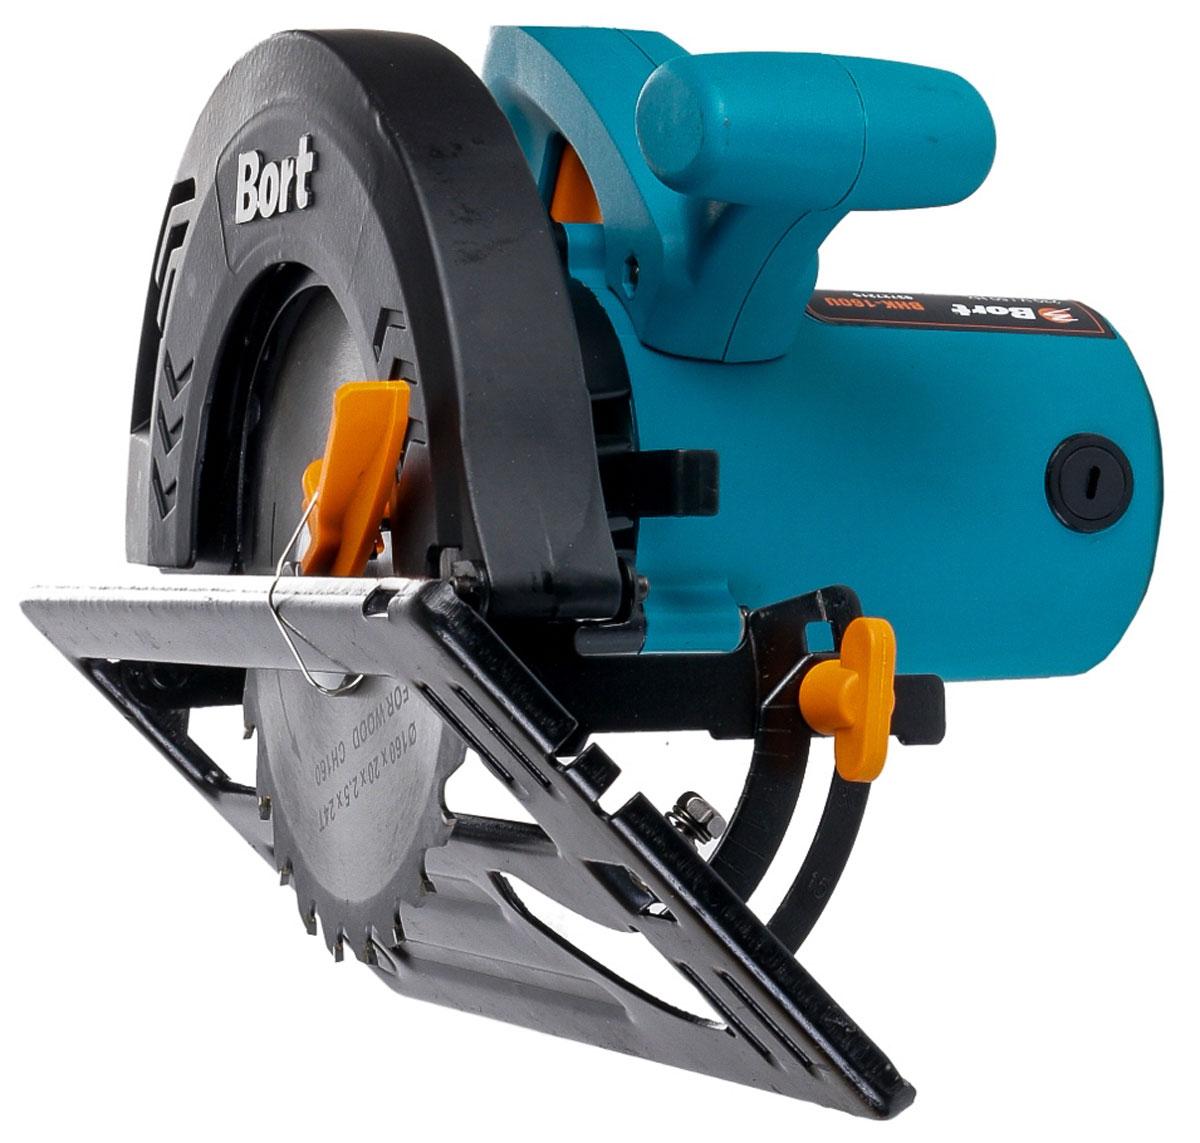 Пила дисковая Bort BHK-160U93727215_синийBort BHK-160U - это компактная модель циркулярки с максимальной глубиной пропила 55 мм и диаметром диска 165 мм. Подойдет для основных плотницких и столярных работ при ремонте и сборке деревянных конструкций. Пила снабжена удобной рукояткаой. Данная модель позволяет делать пропилы разной глубины под разными углами, для этого предусмотрены удобные регулируемые зажимы. Подобный электроинструмент применяют так же профессиональные мастера по дереву, плотники, столяры.